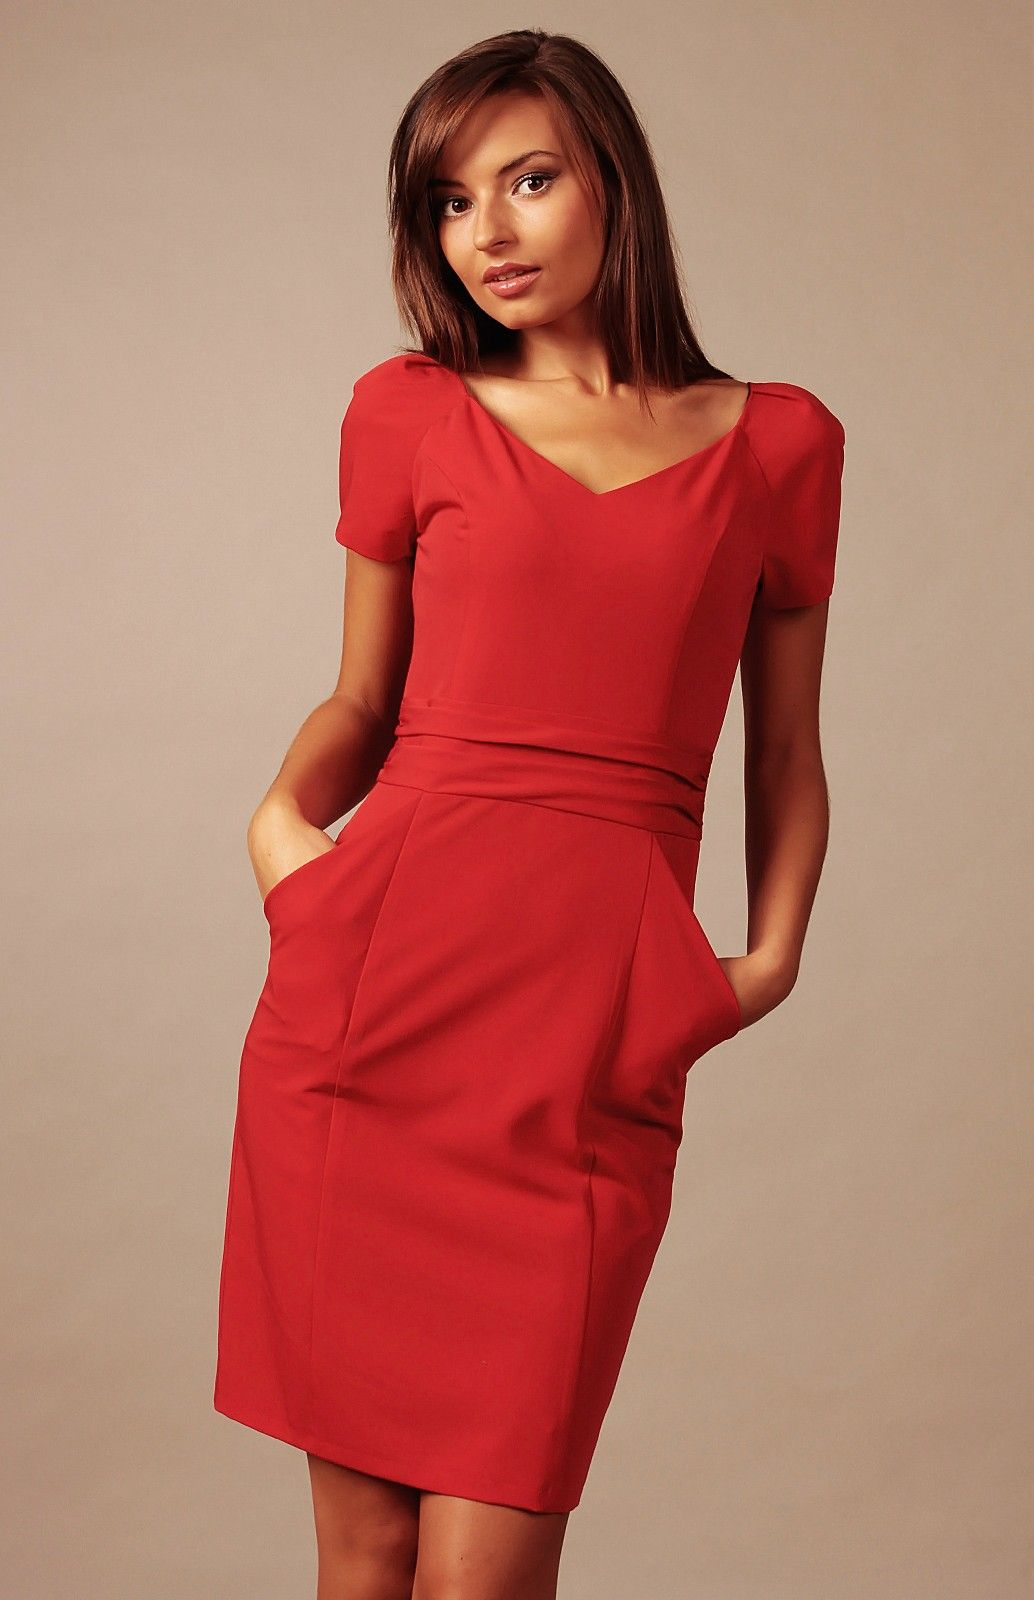 Robe rouge femme pour bapteme